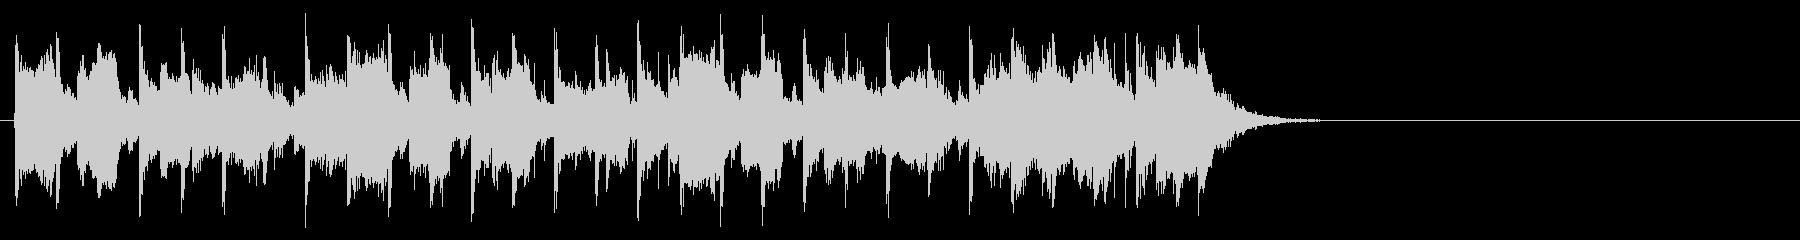 ダンサブルなポップ(Aメロ)の未再生の波形